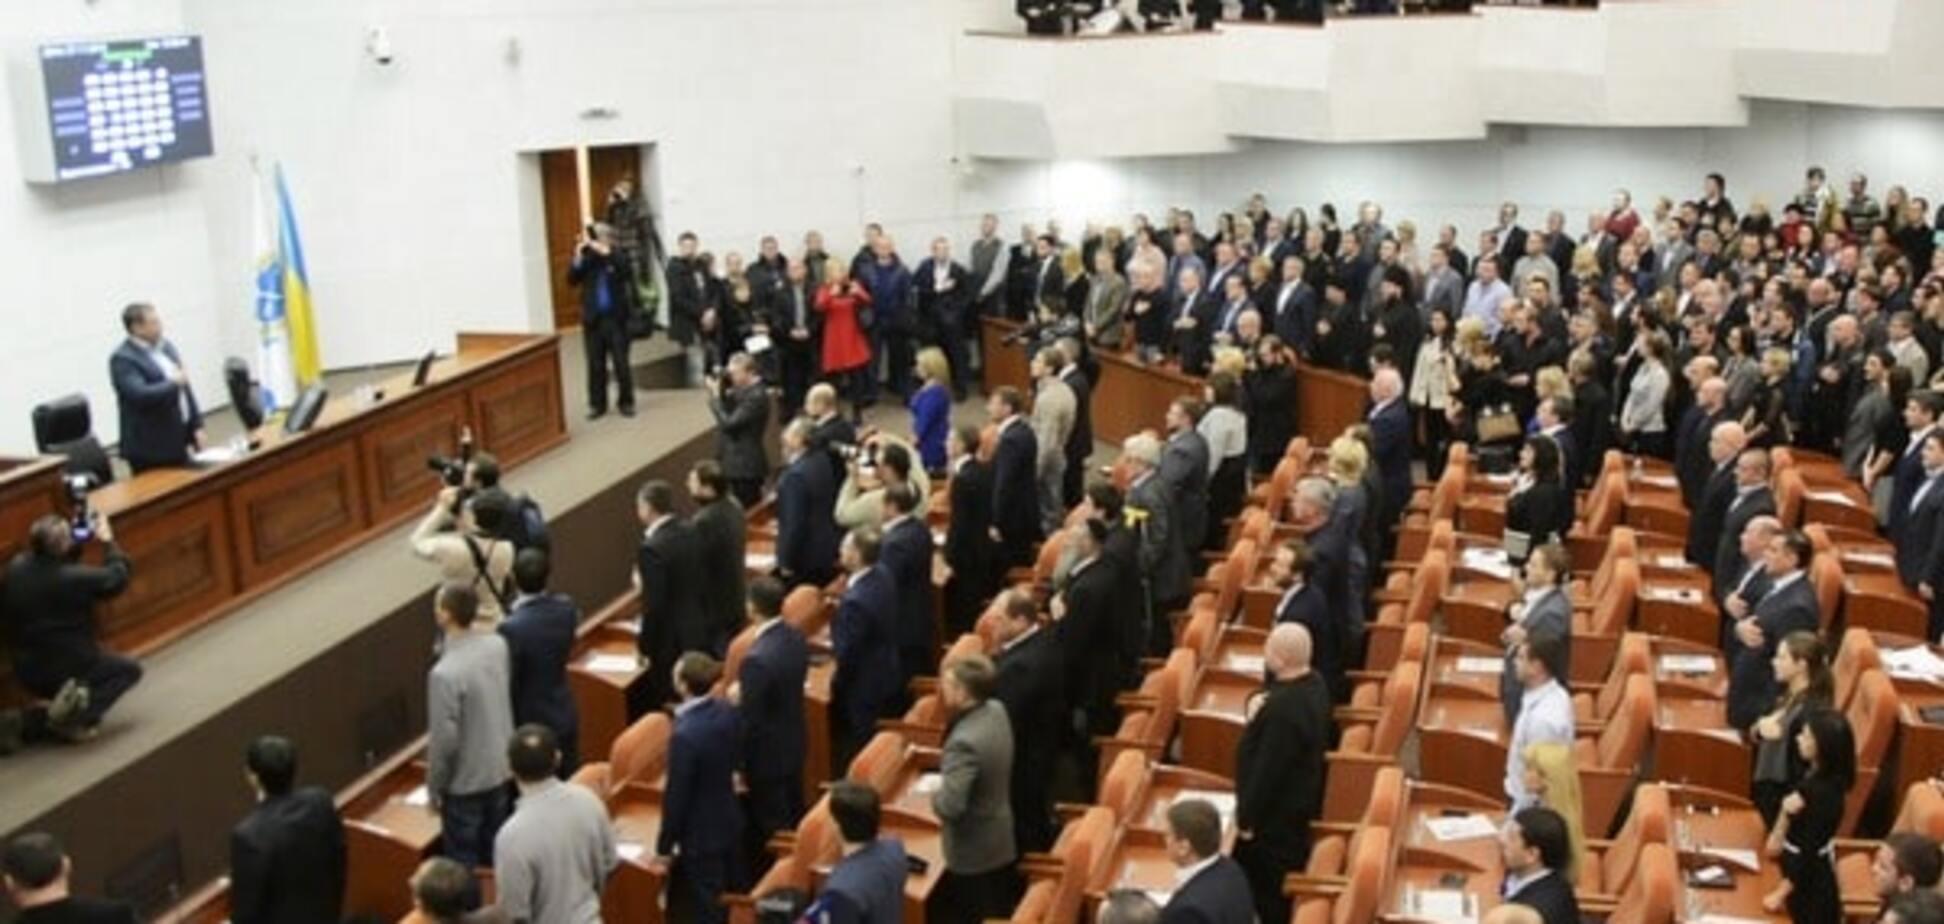 Побитий депутат Григорук натякнув, хто стоїть за жорстоким нападом